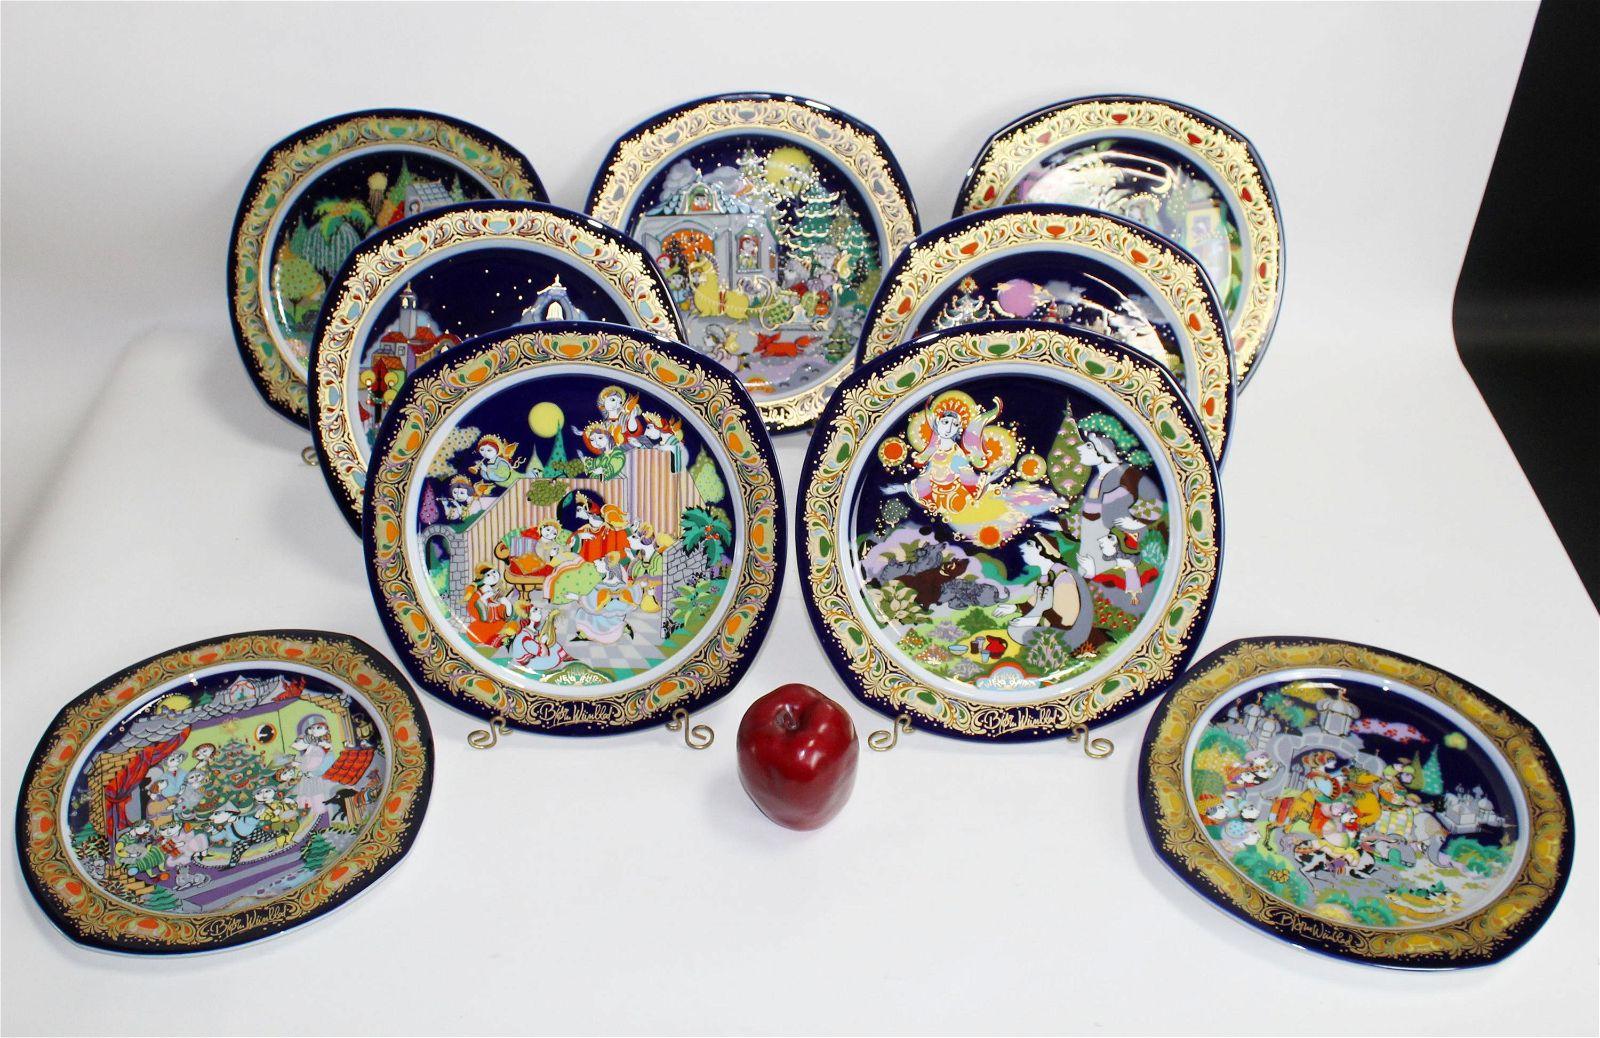 Lot of 9 Rosenthal Bjorn Wiinblad Christmas plates